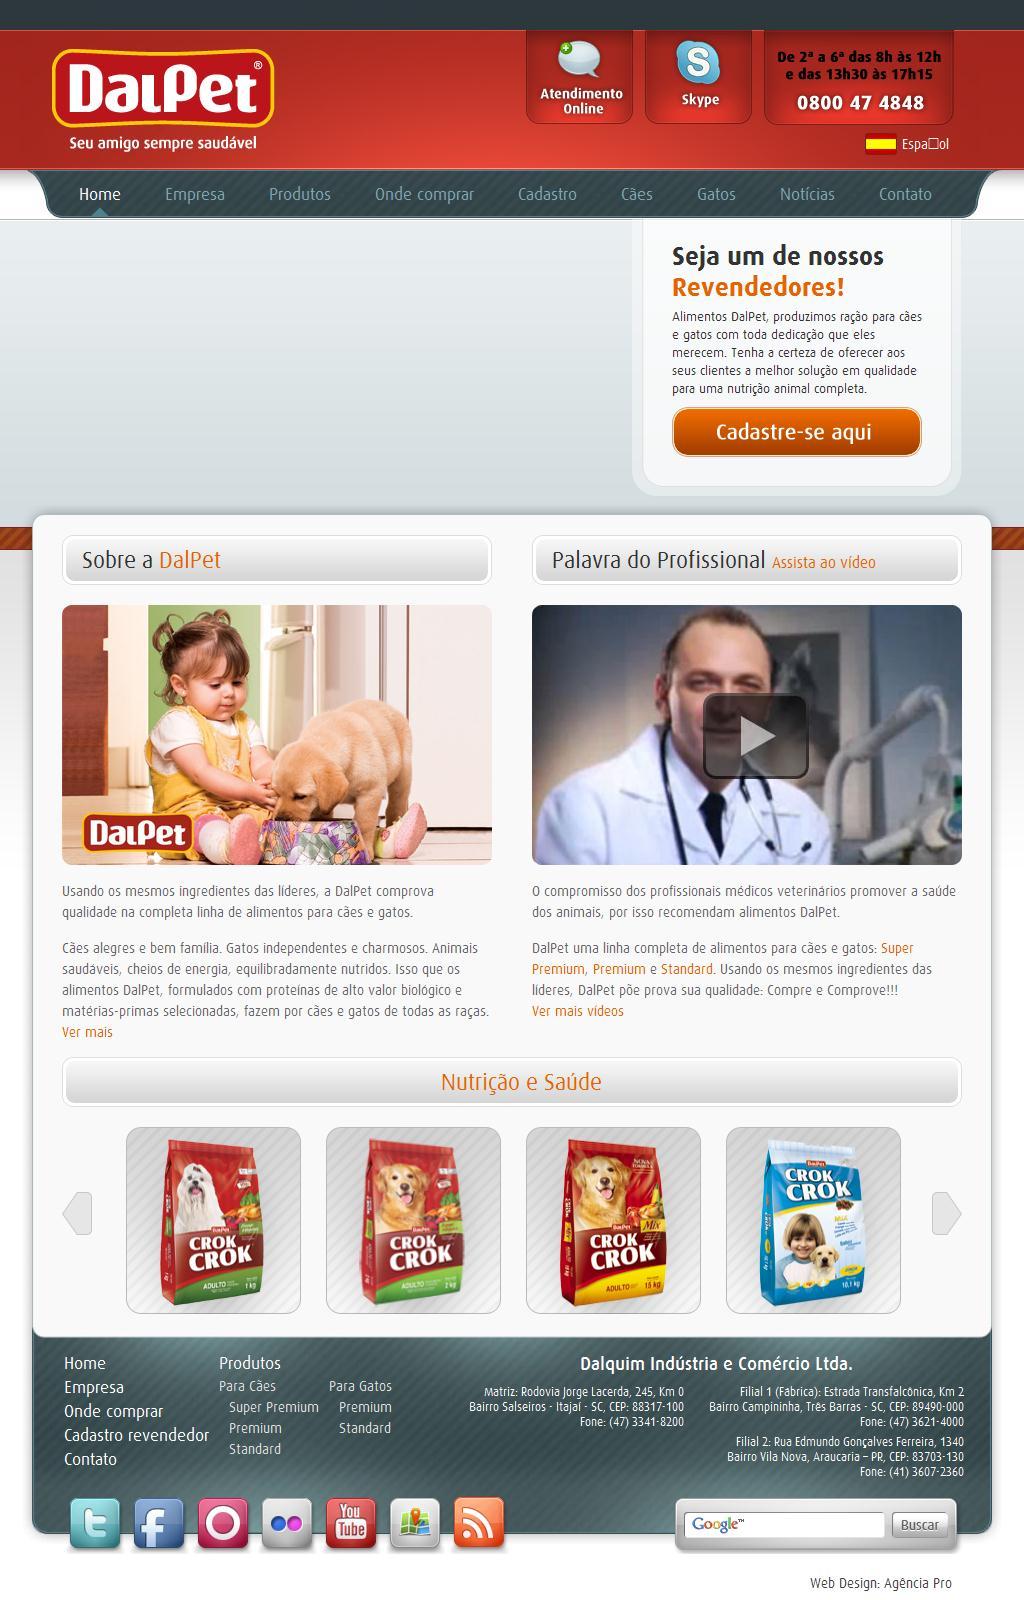 Alimentos DalPet • Ração para Cães e Gatos